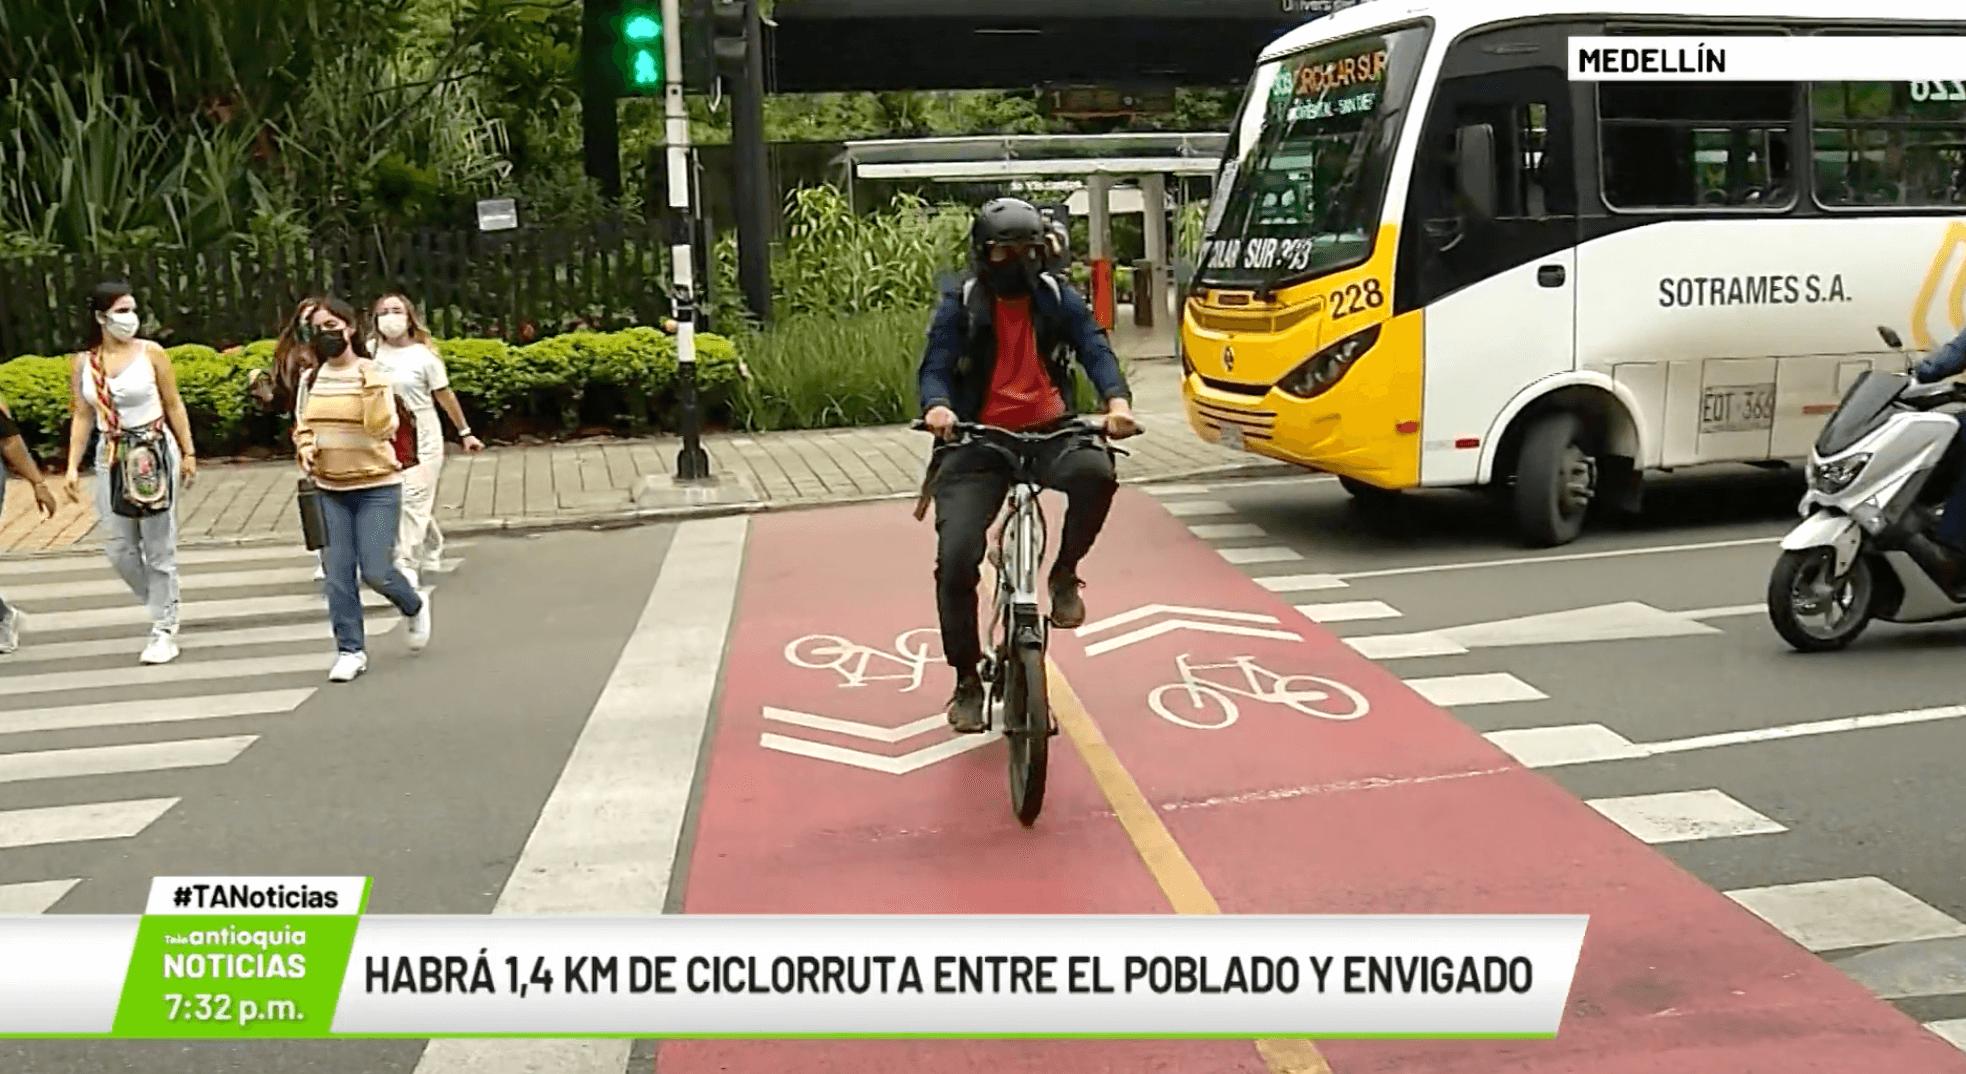 Habrá 1,4 km de ciclorruta entre El Poblado y Envigado